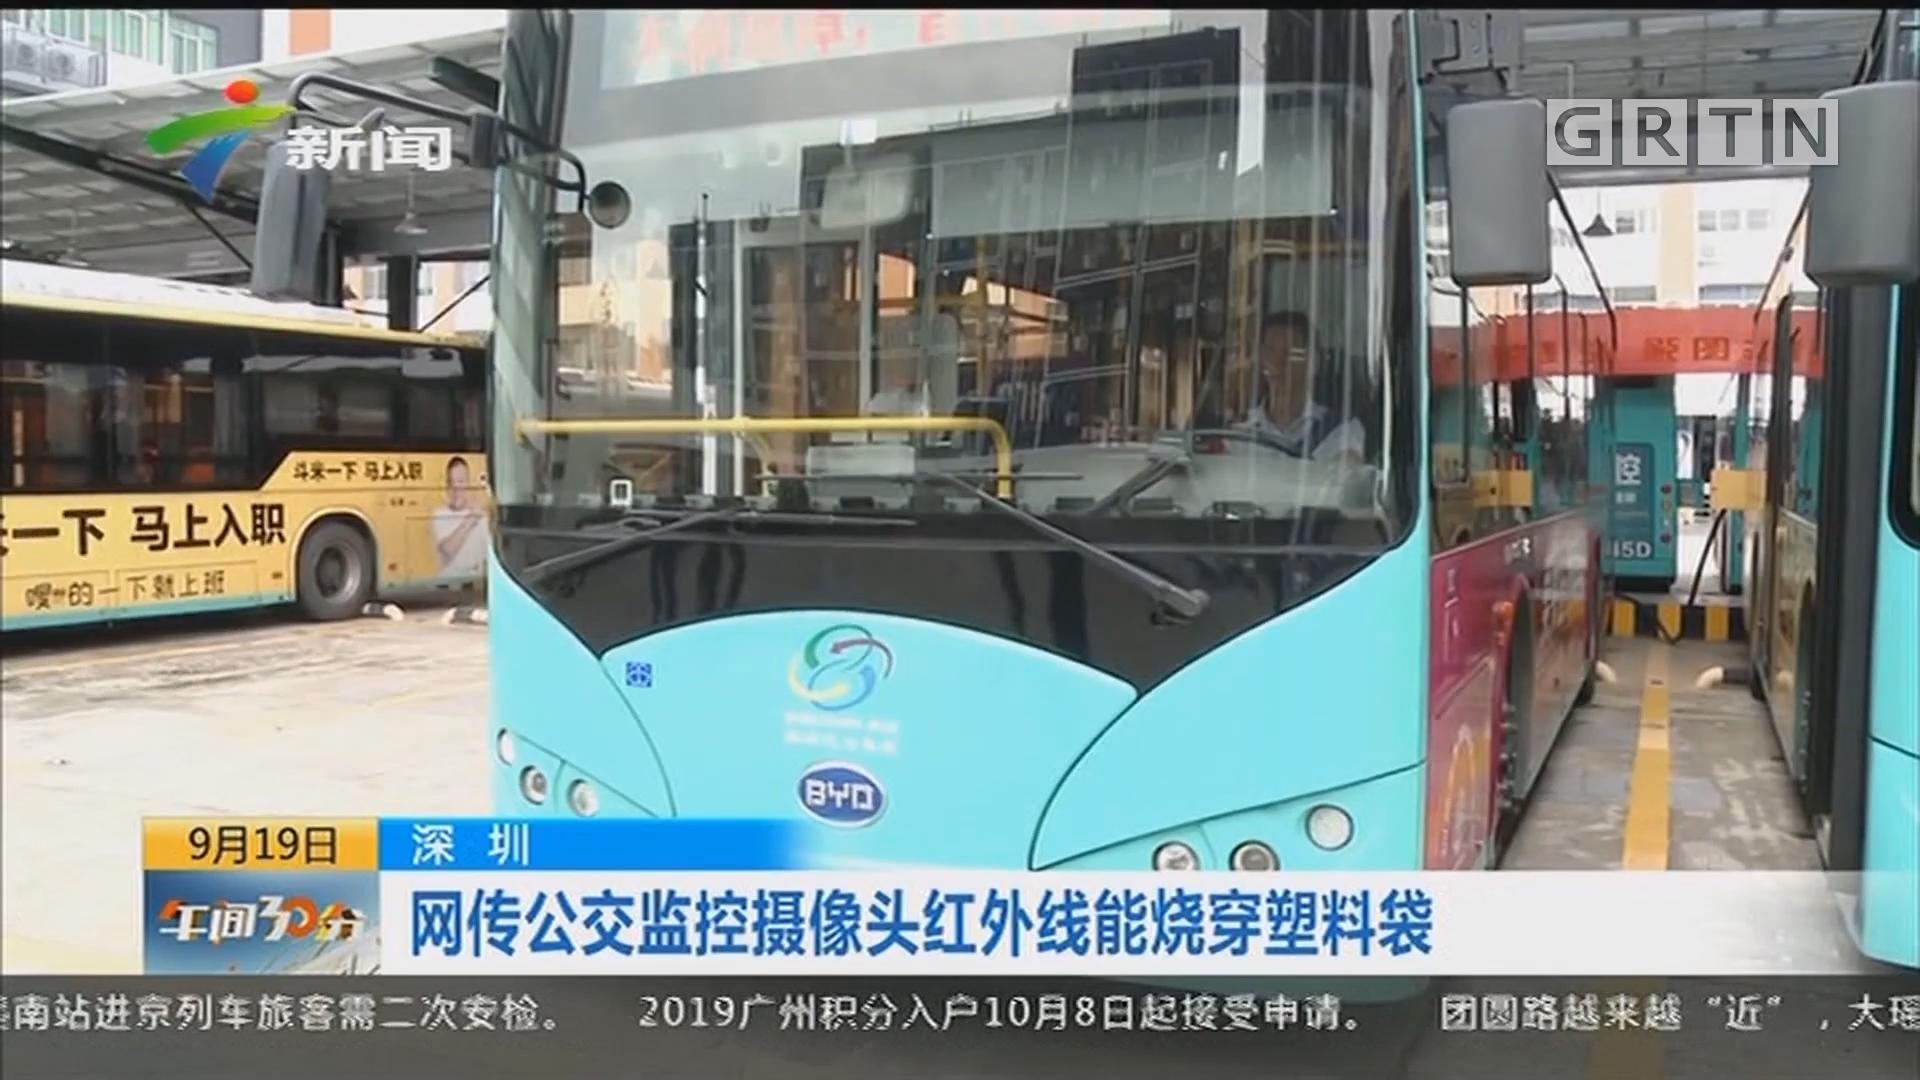 深圳:网传公交监控摄像头红外线能烧穿塑料袋